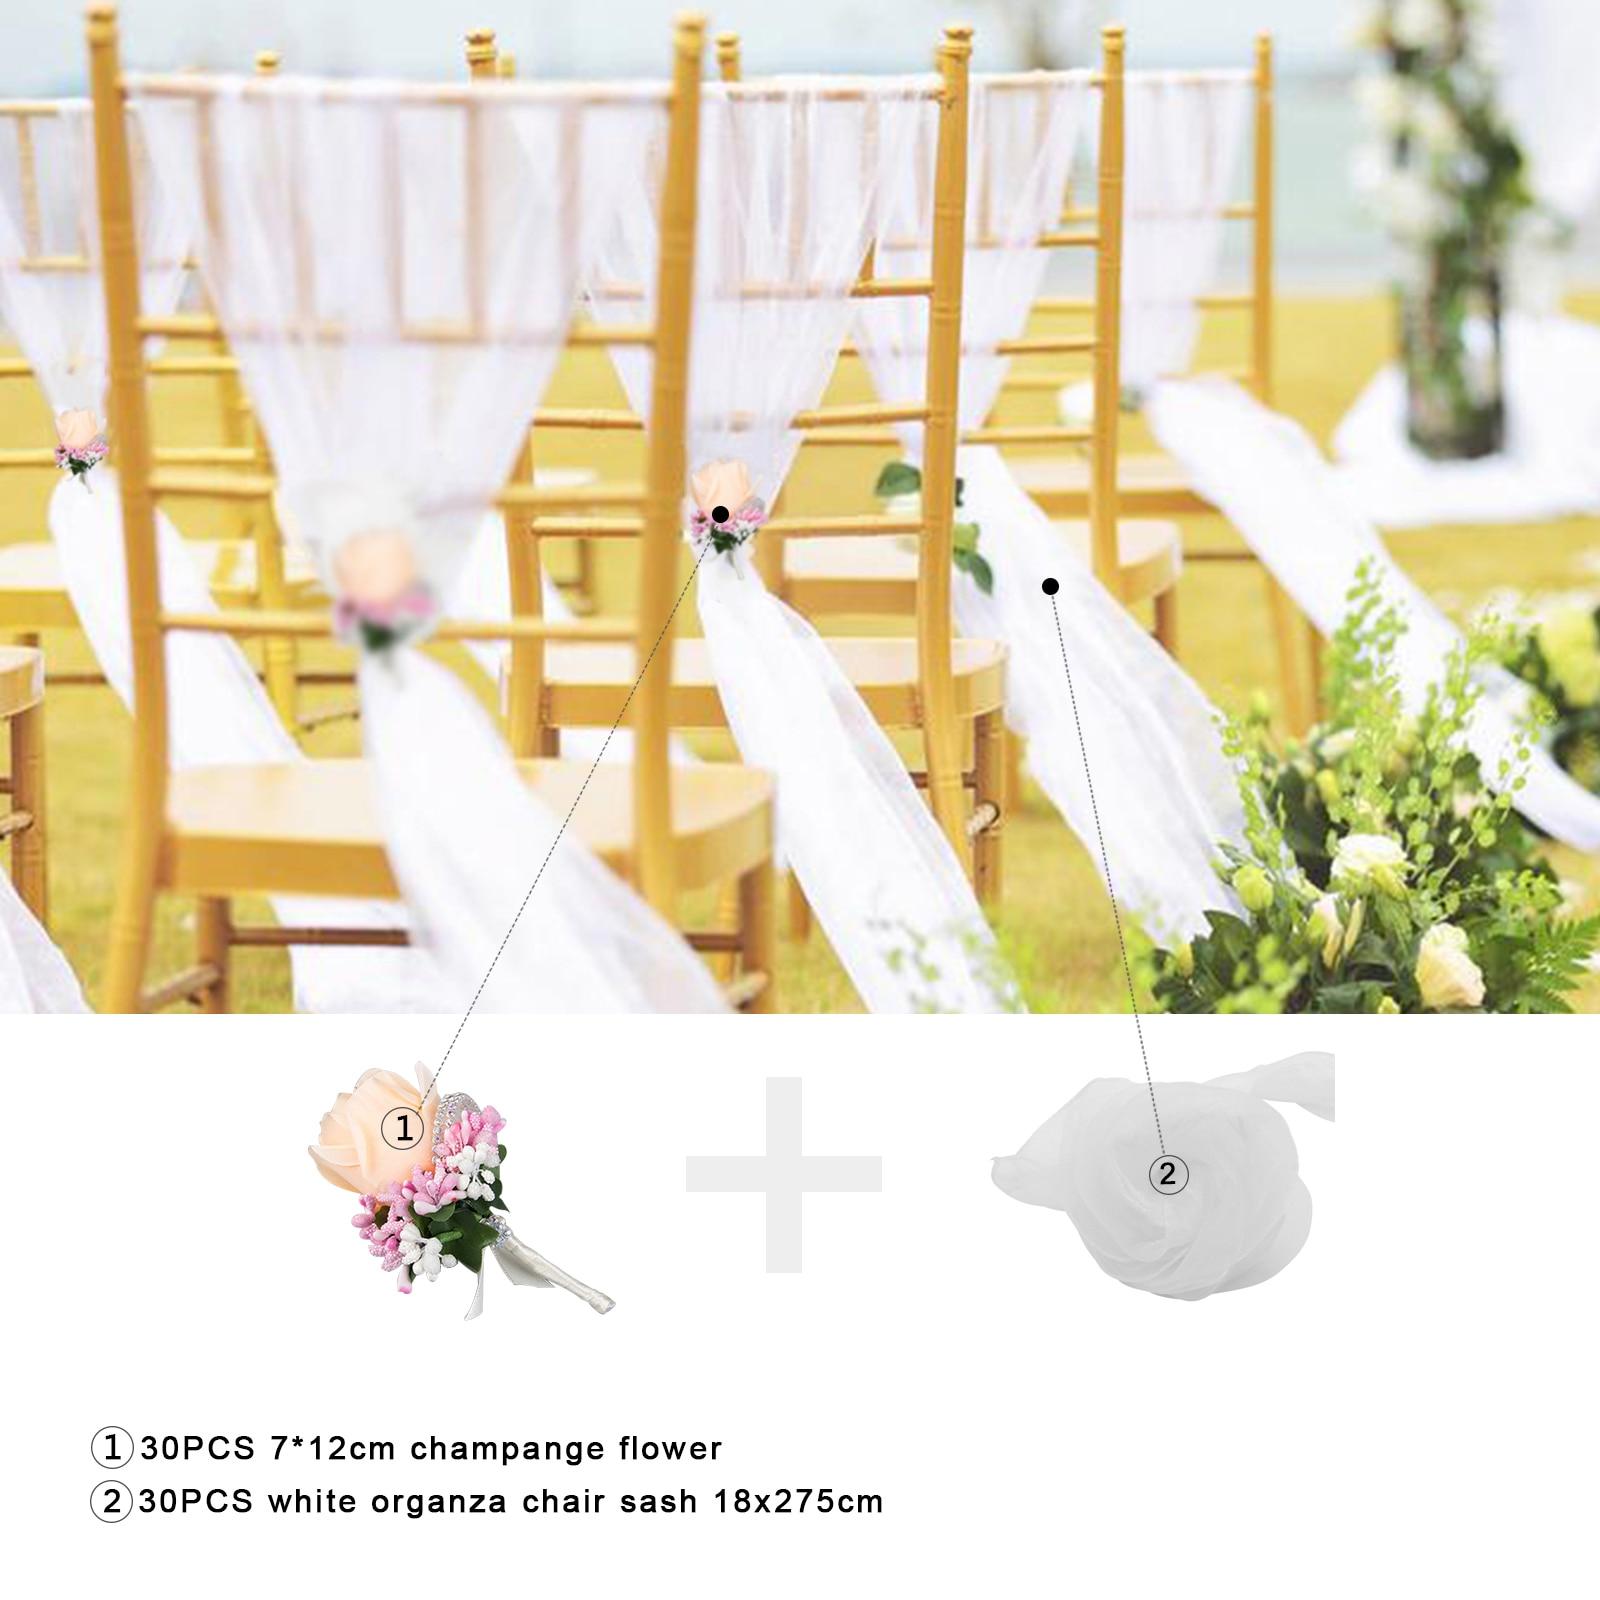 Spiaggia tema di nozze 30 pz bianco della Sedia del Organza Fiocchi e Fasce con il bianco Champagne fiore di rosa per la Cerimonia Nuziale Del Partito Banchetto della Sedia Decorazione - 3